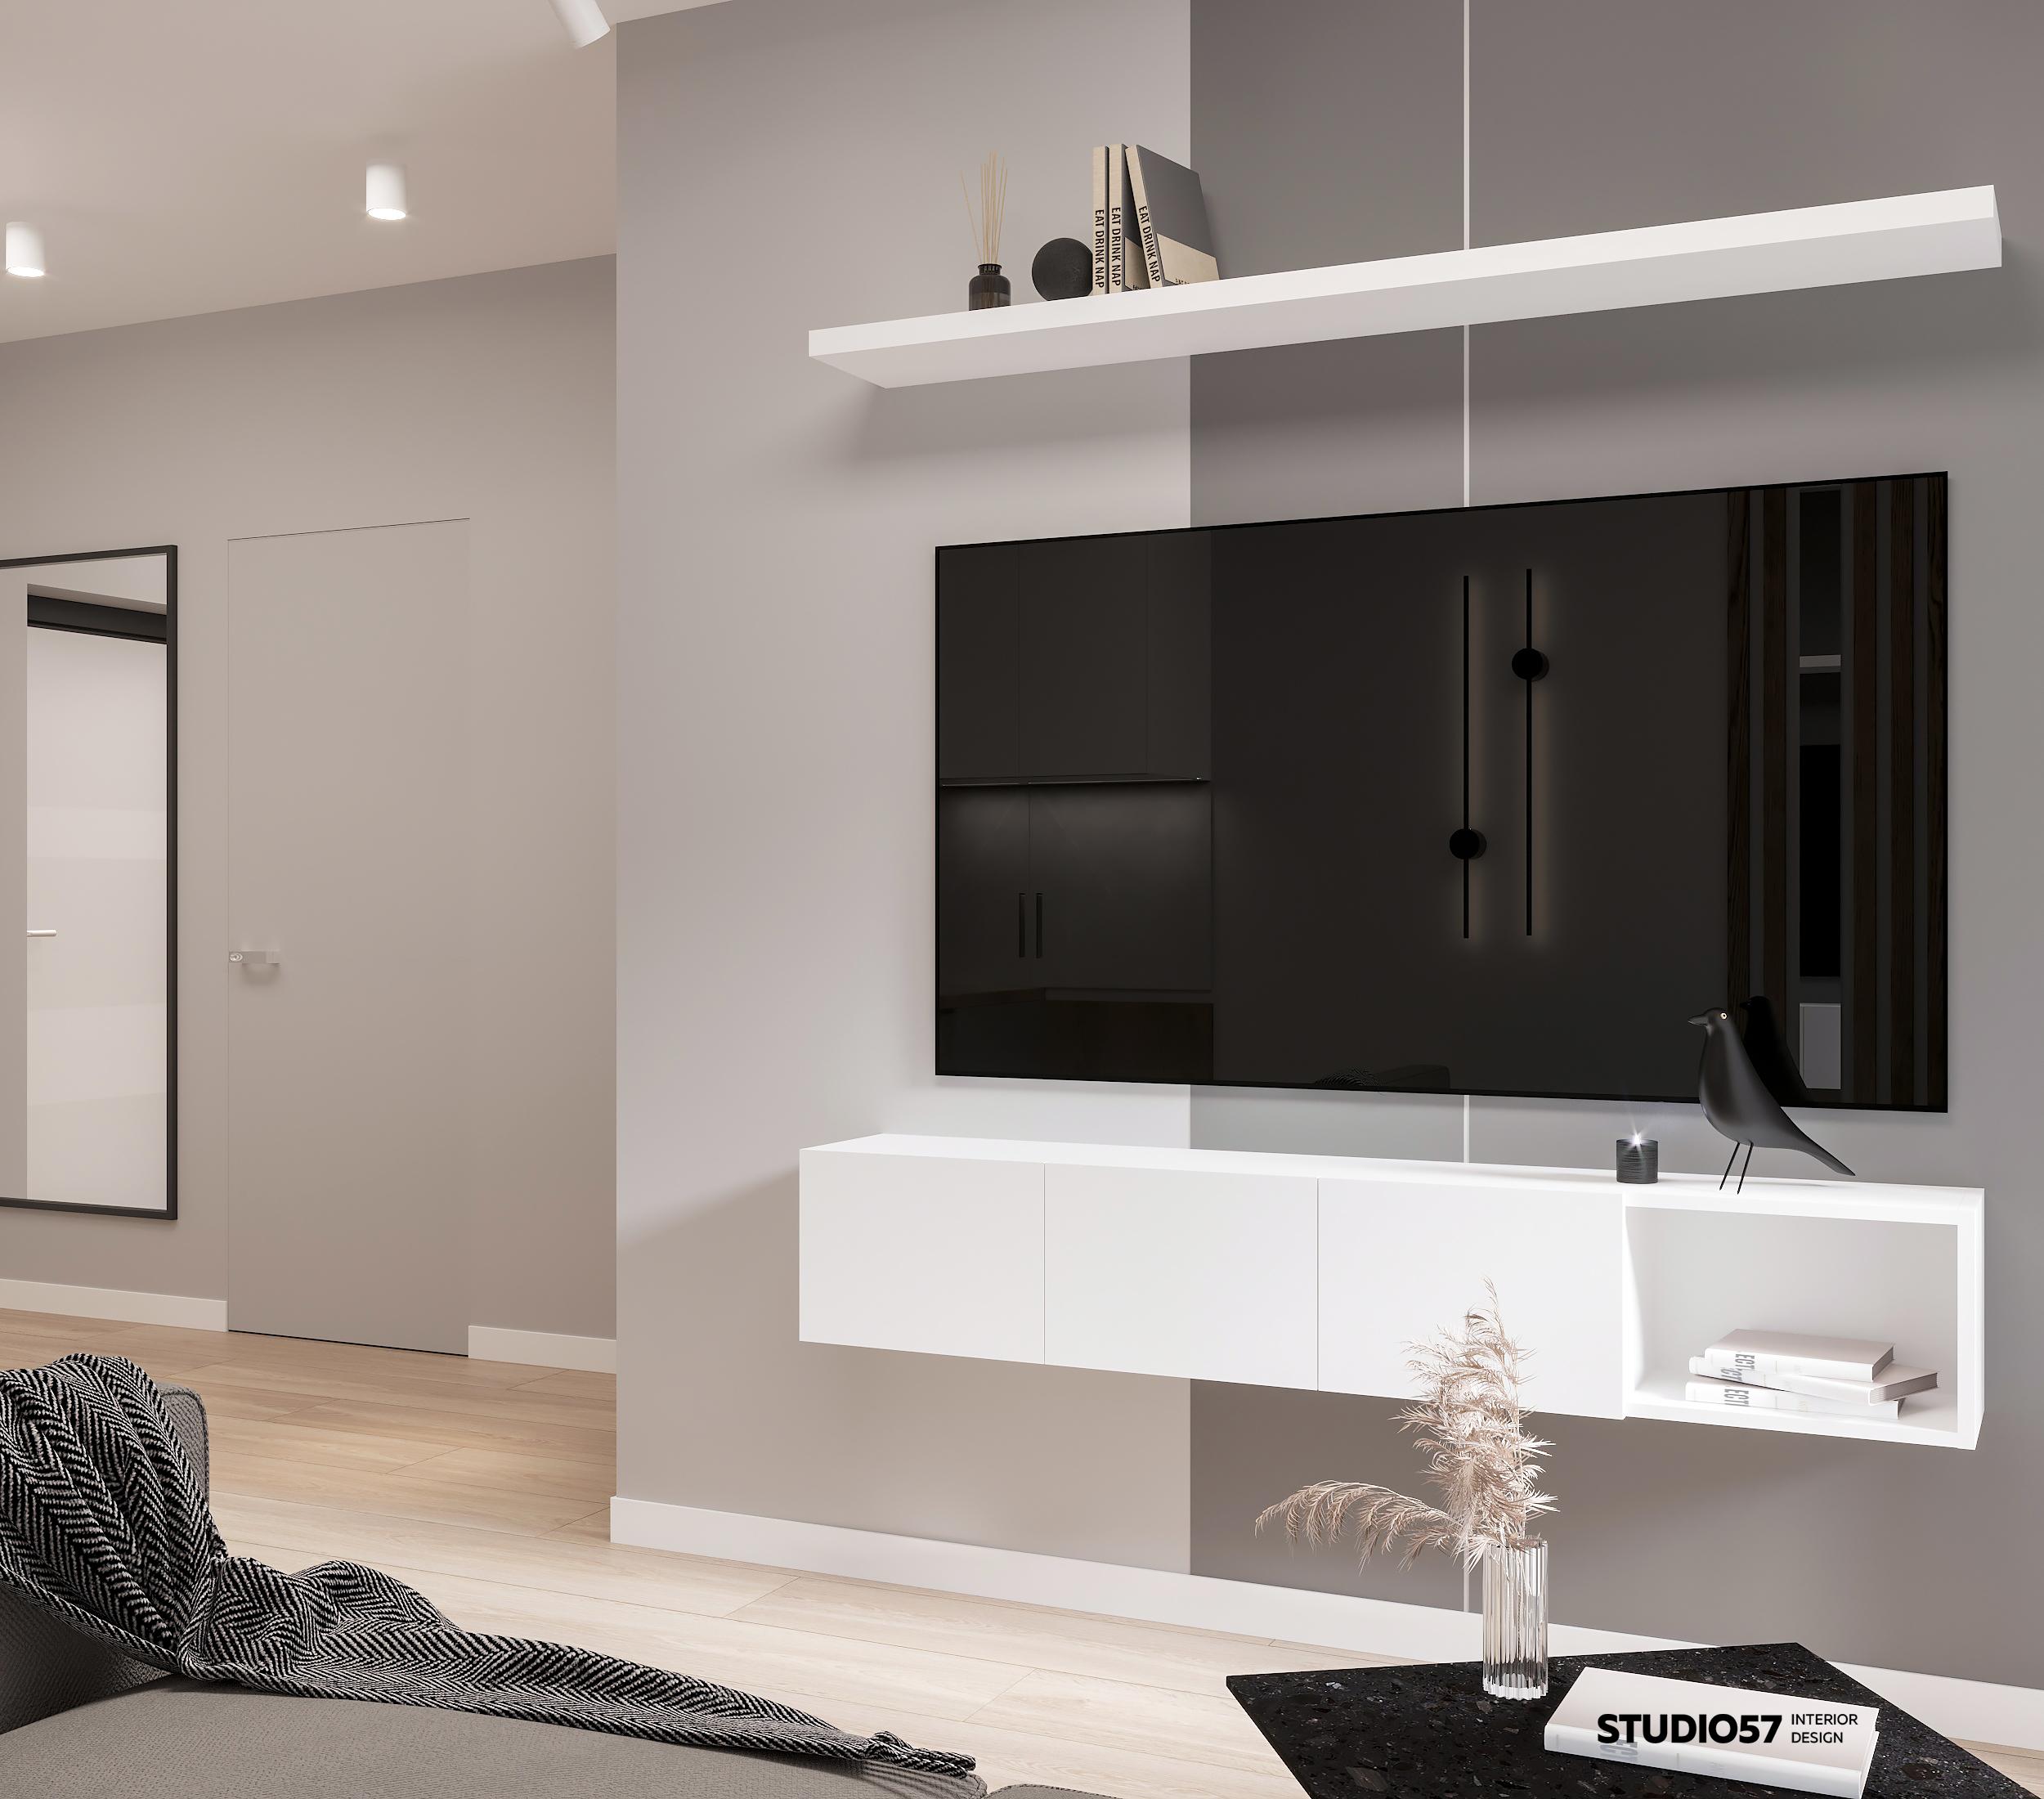 Дизайн кухни-гостиной. Зона ТВ.